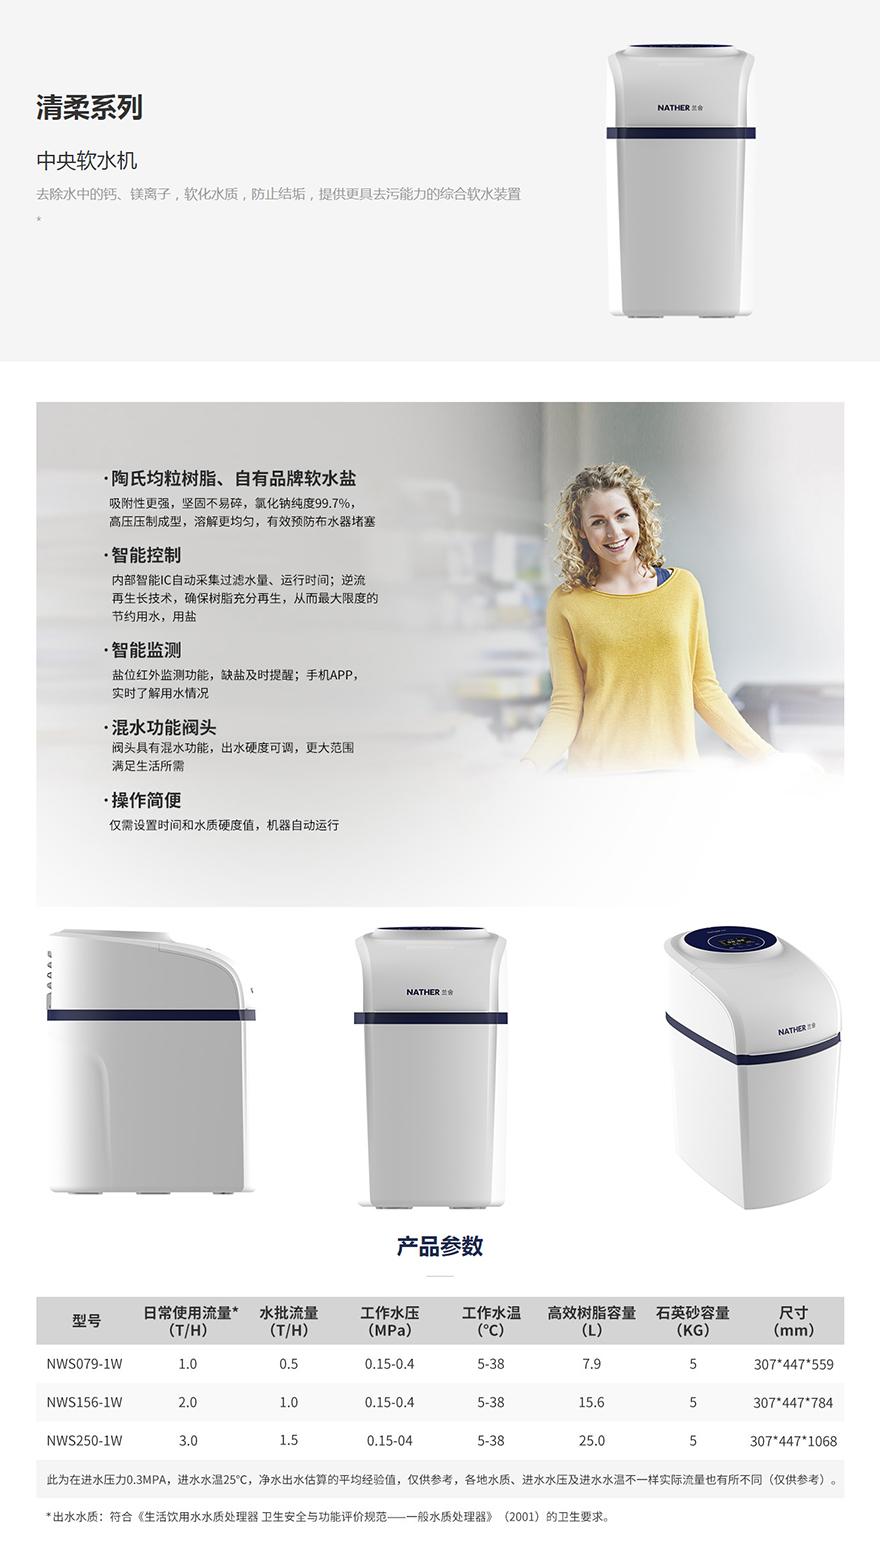 兰舍清柔系列中央软水机